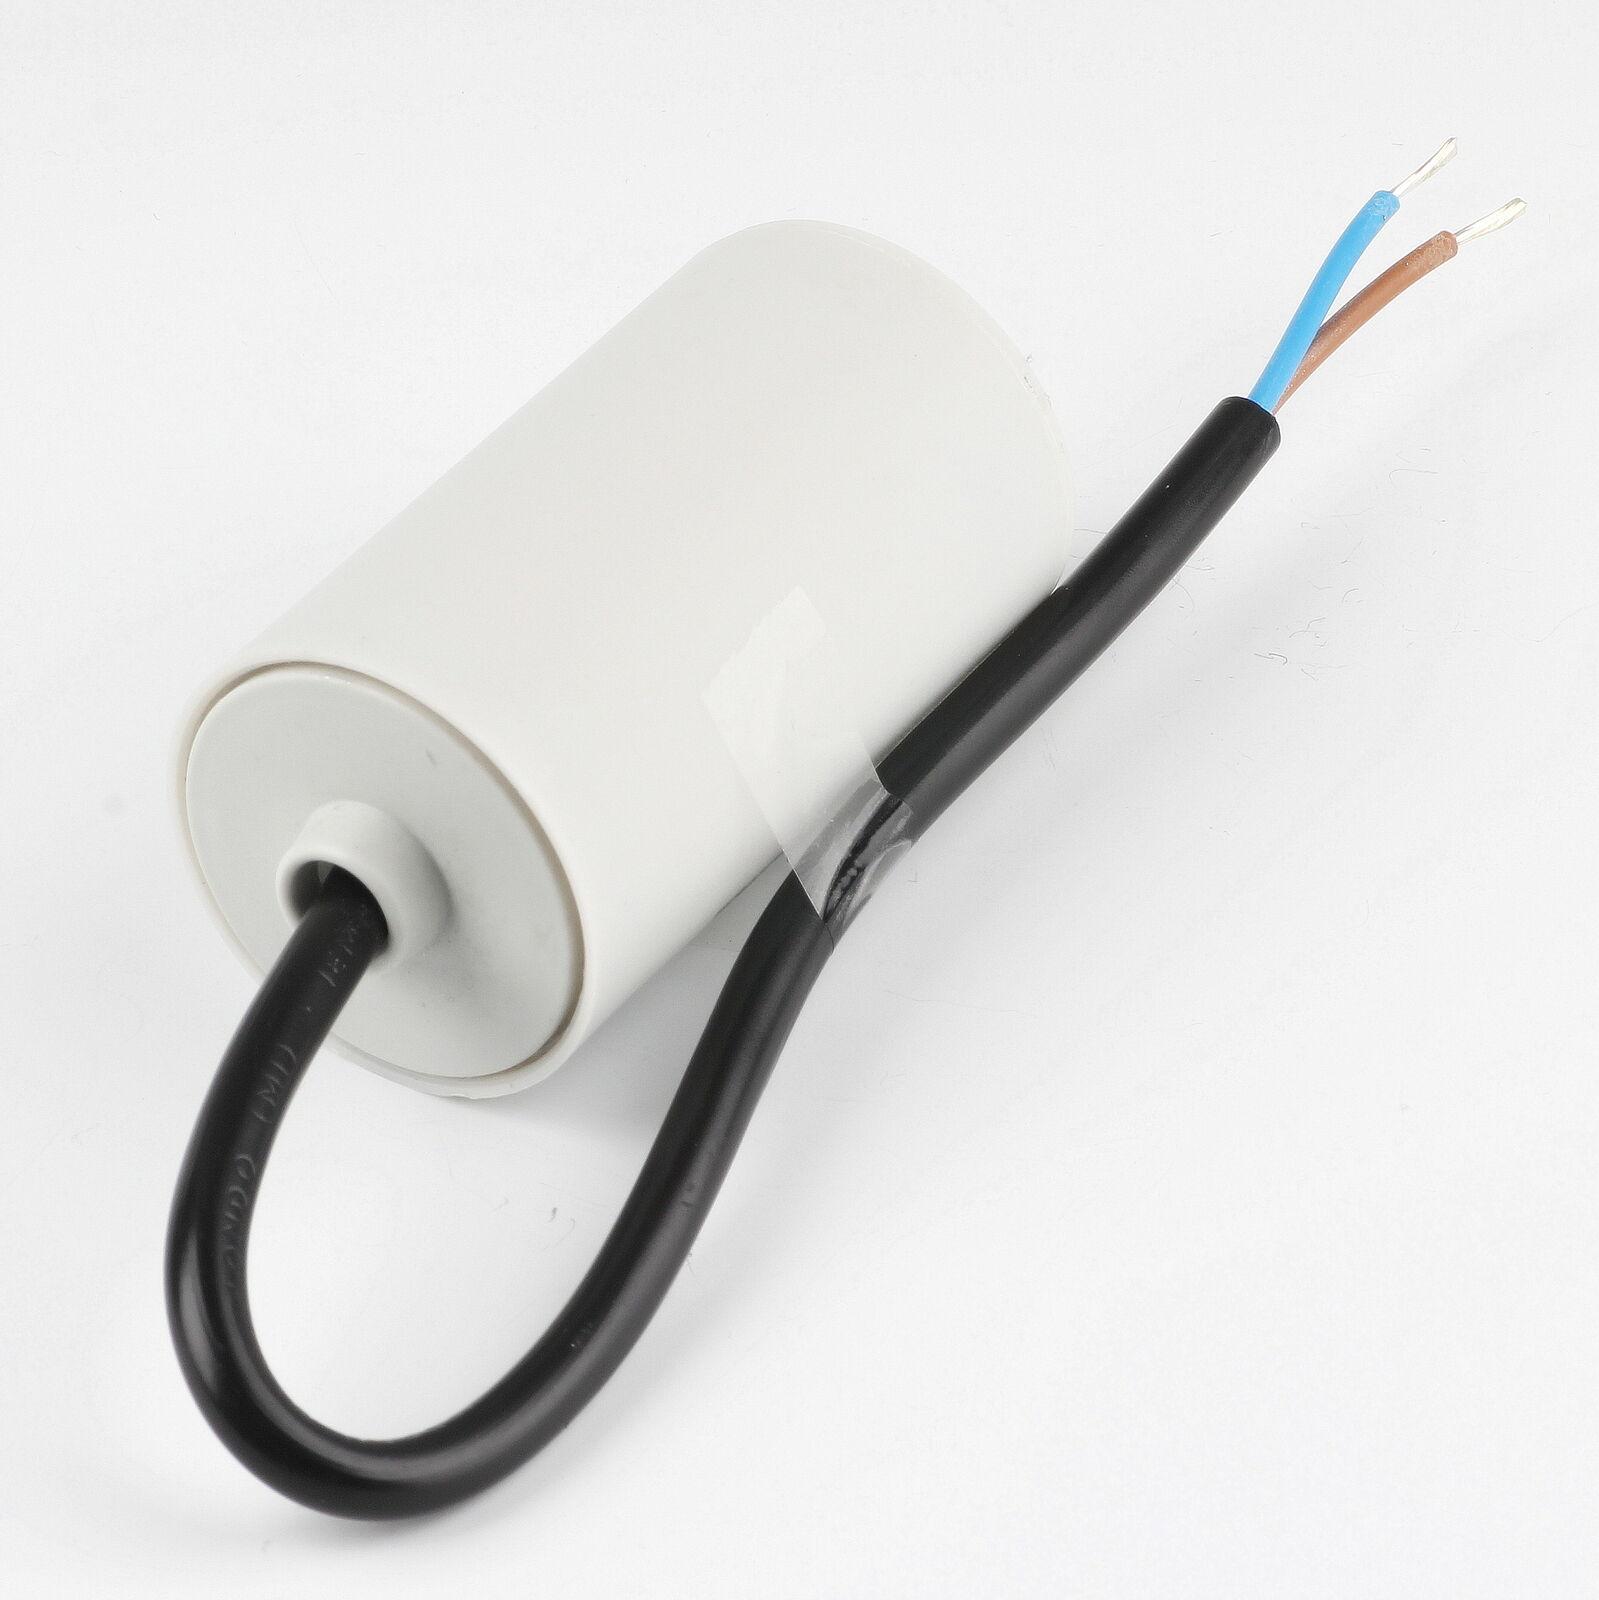 45uF 450V Anlaufkondensator Motorkondensator mit Kabel spritzwassergeschützt